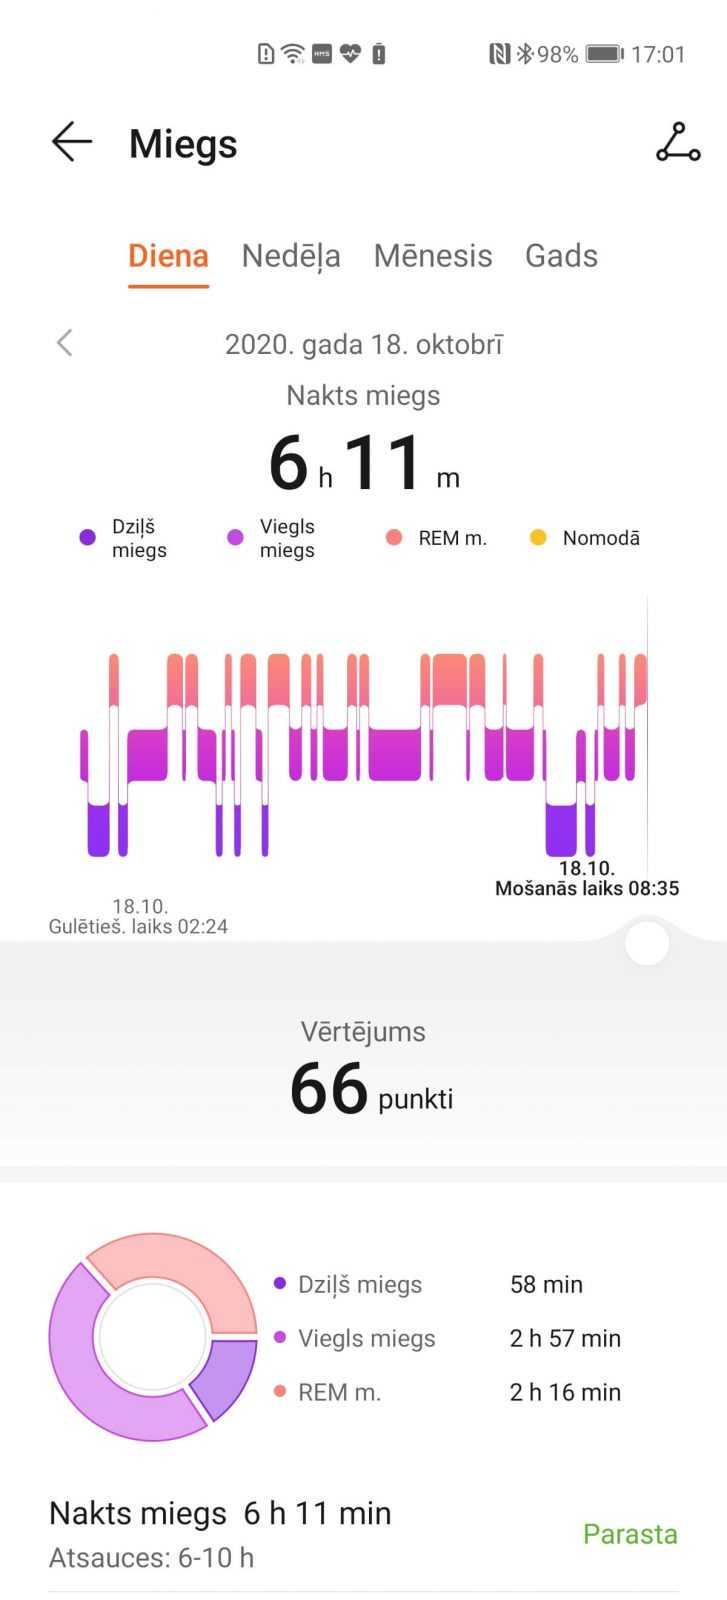 Miega monitorings Huawei Watch GT 2 Pro